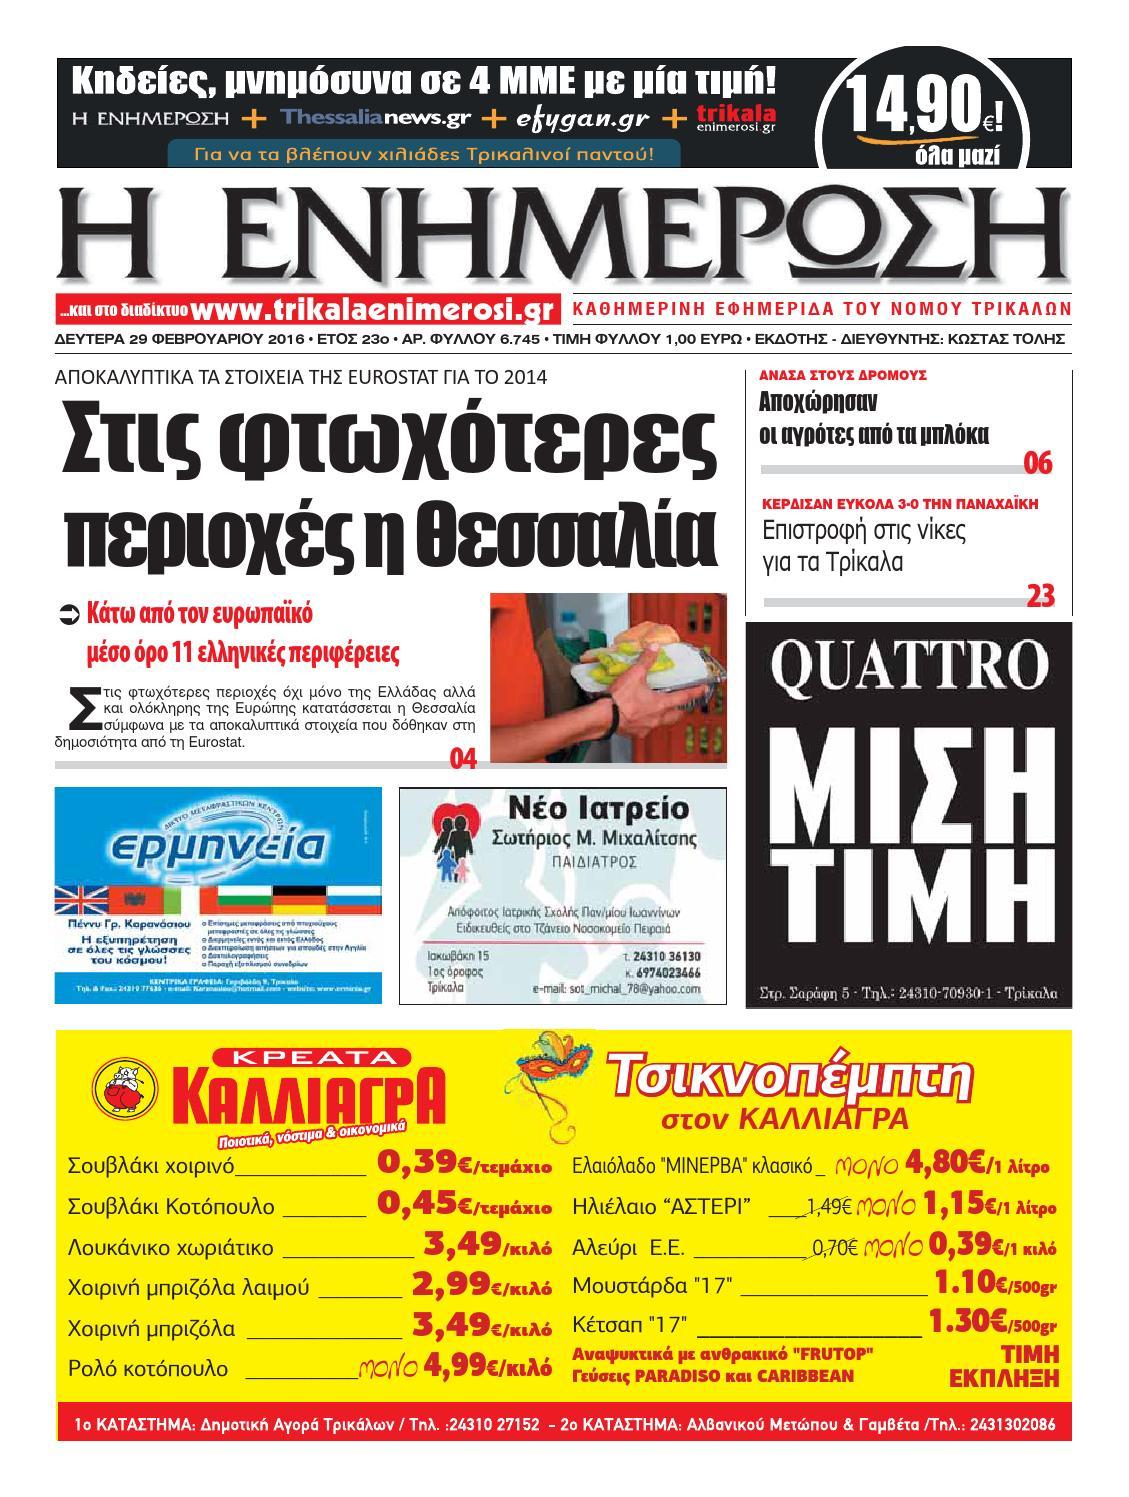 ΕΝΗΜΕΡΩΣΗ by ENHMEROSH - issuu c137761c2d4